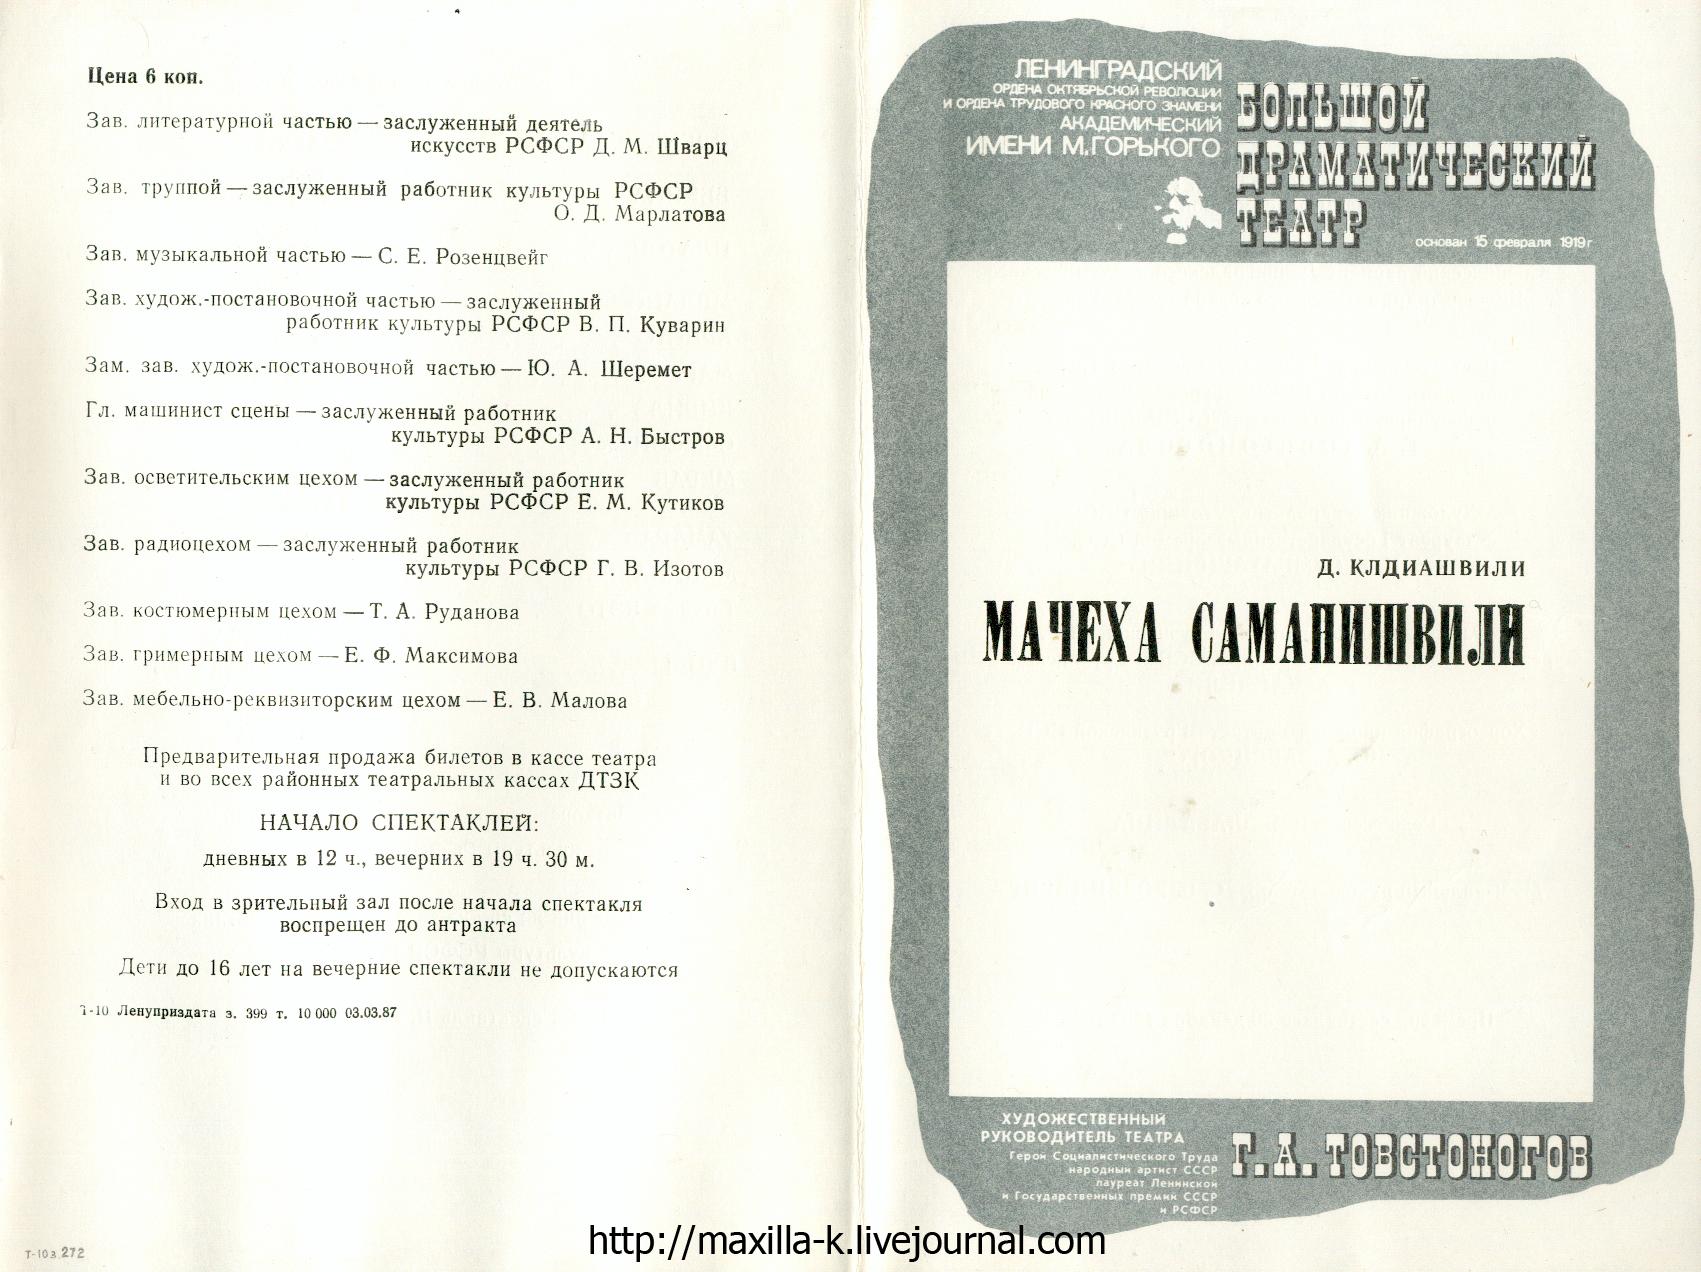 Мачеха Саманишвили в БДТ